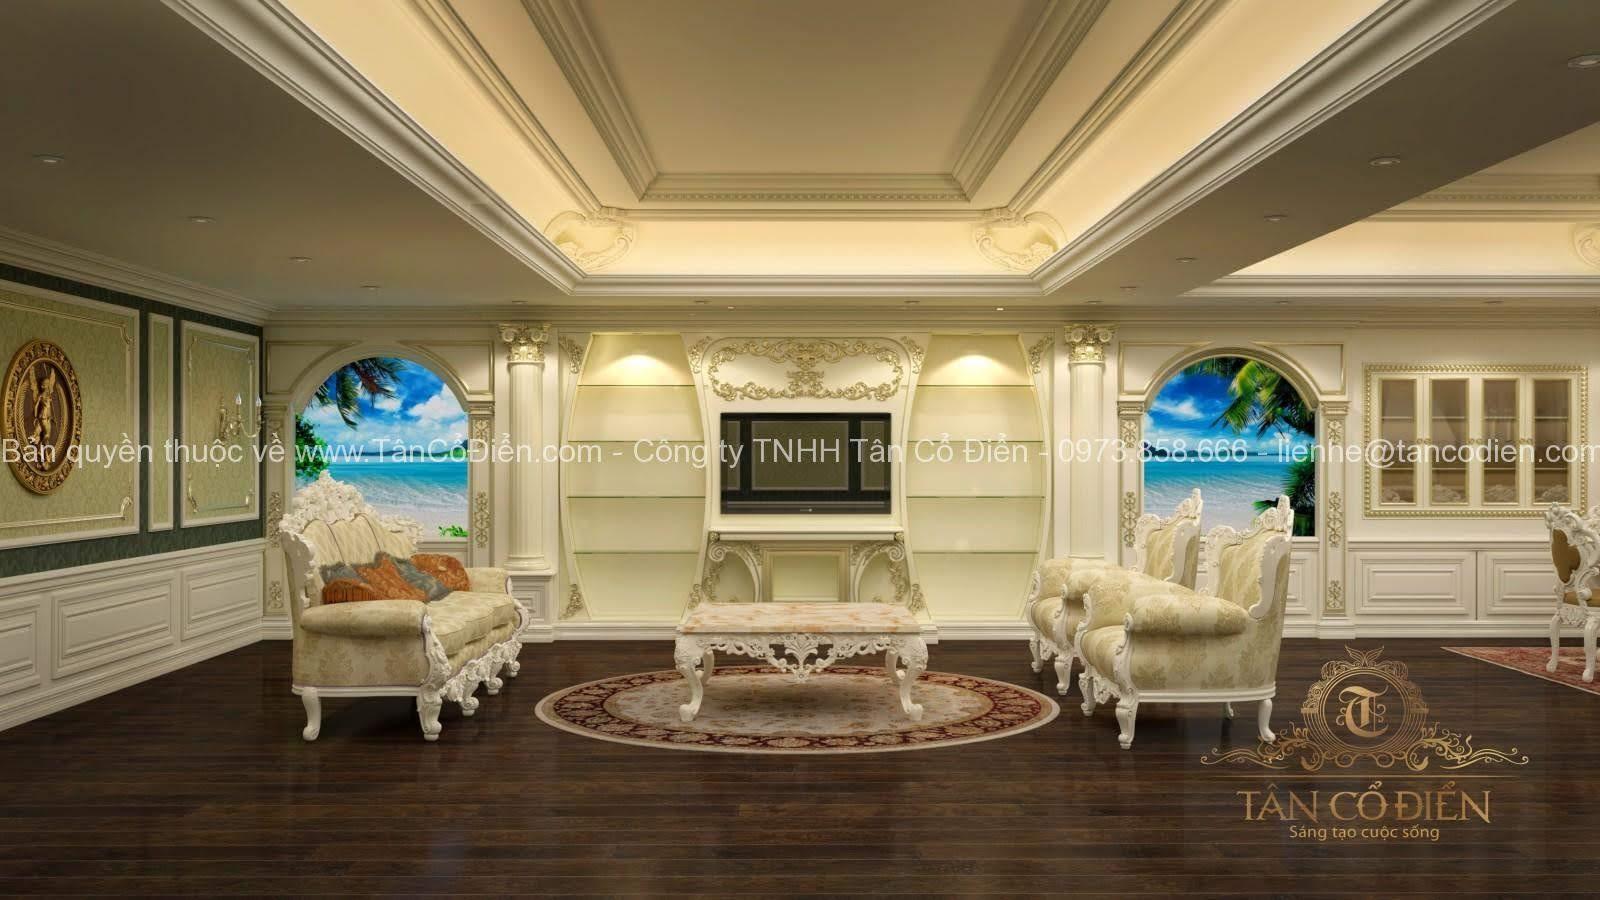 Thiết kế phòng khách tân cổ điển phong cách nhẹ nhàng